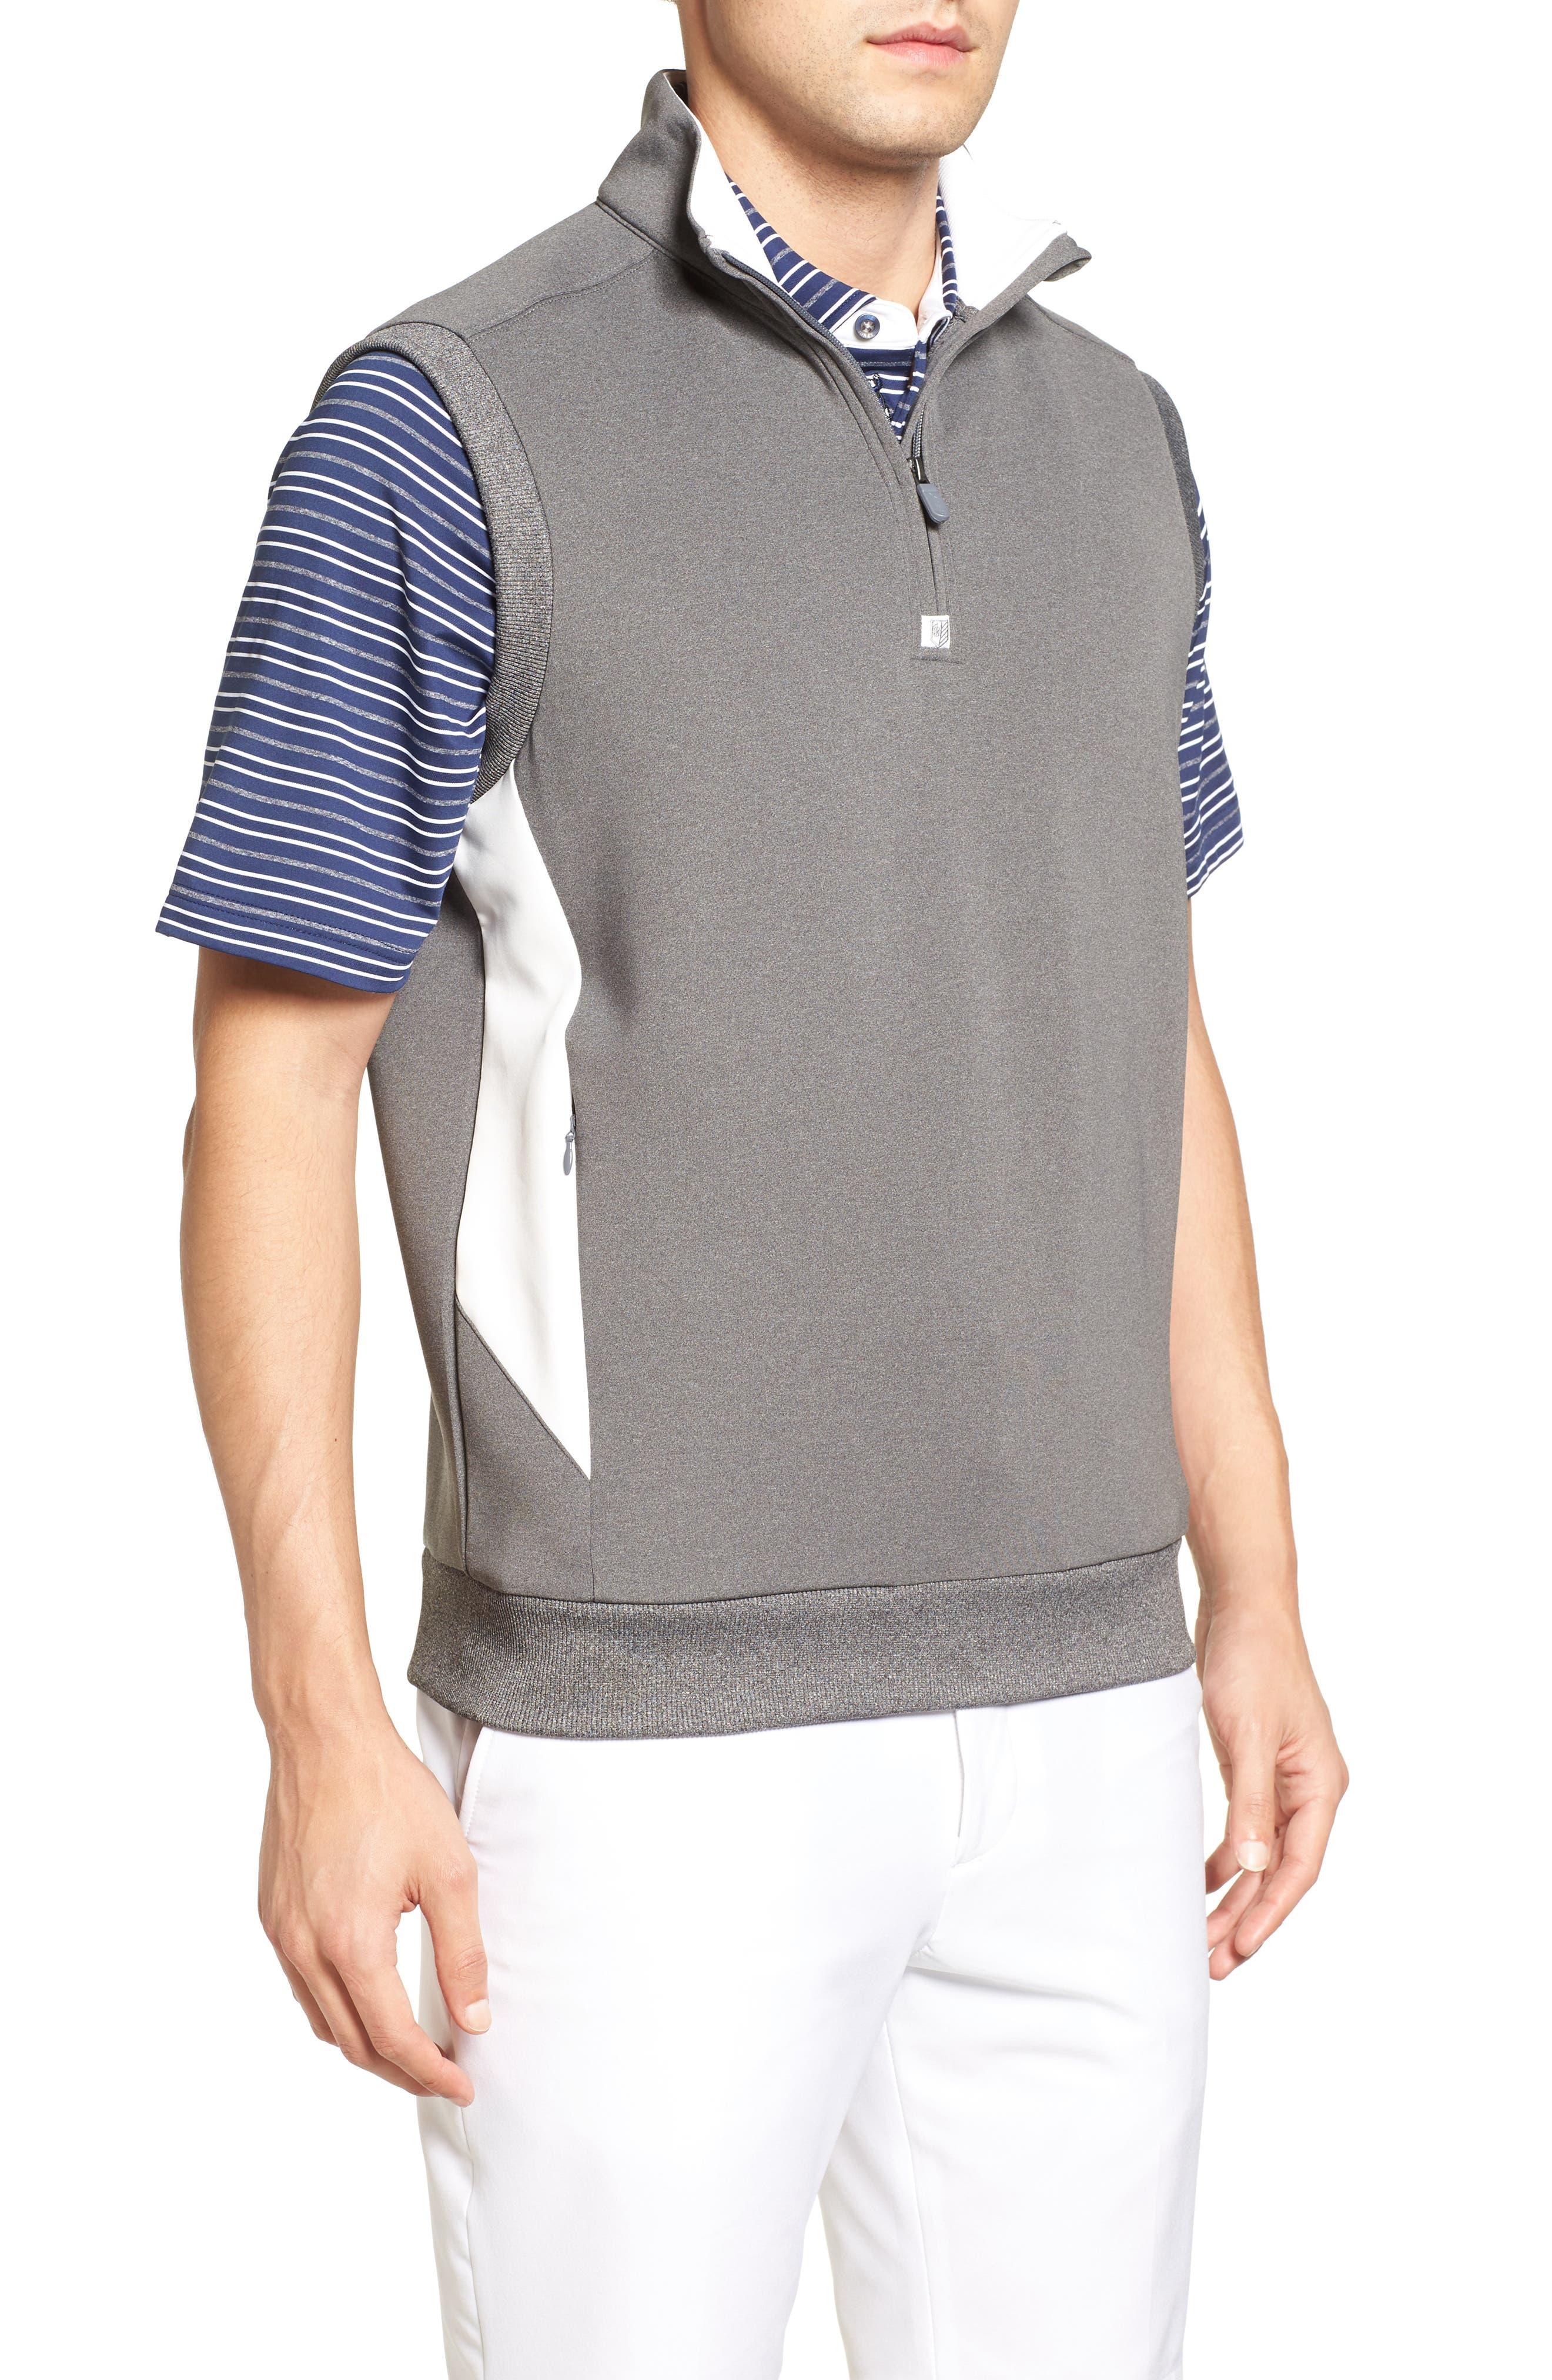 Alternate Image 3  - Bobby Jones Rule 18 Tech Quarter Zip Vest